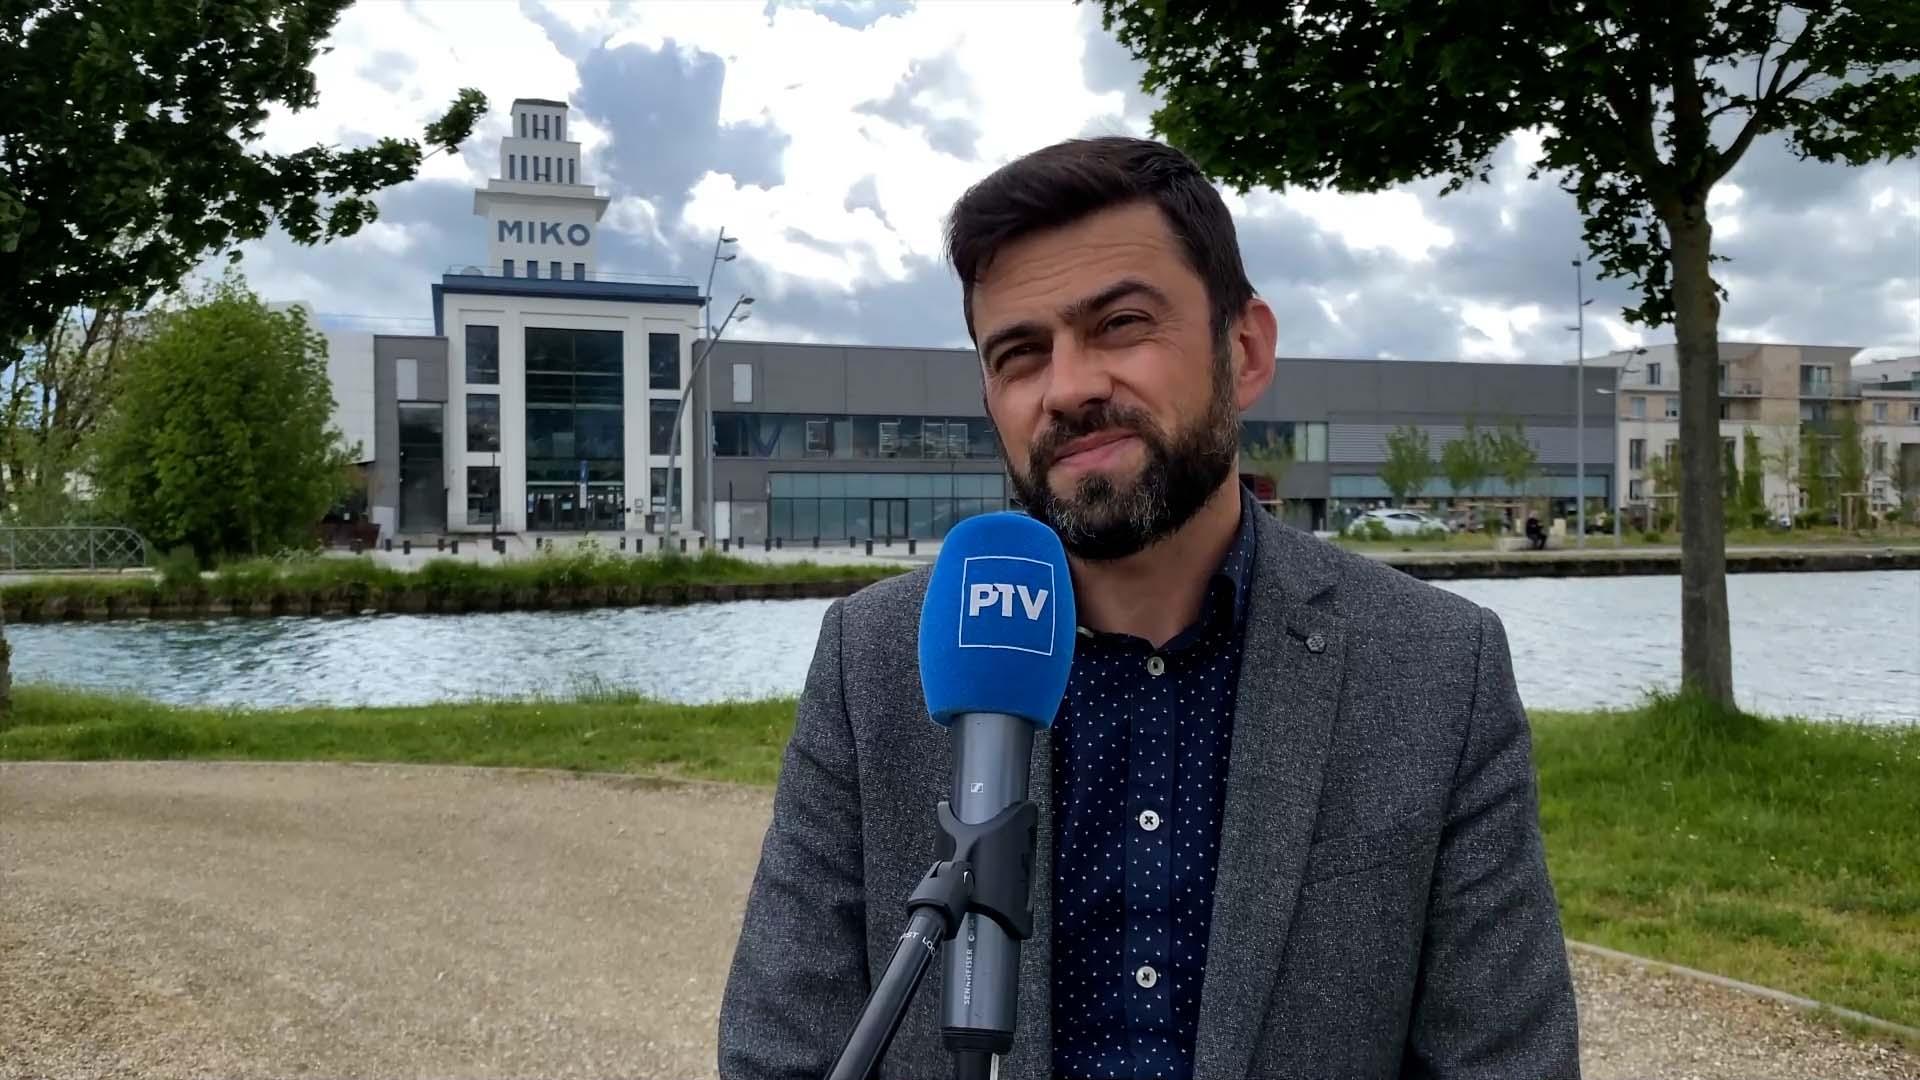 Puissance Television - Etienne Marasi, tête de liste haut-marnais pour les élections régionales -PTV